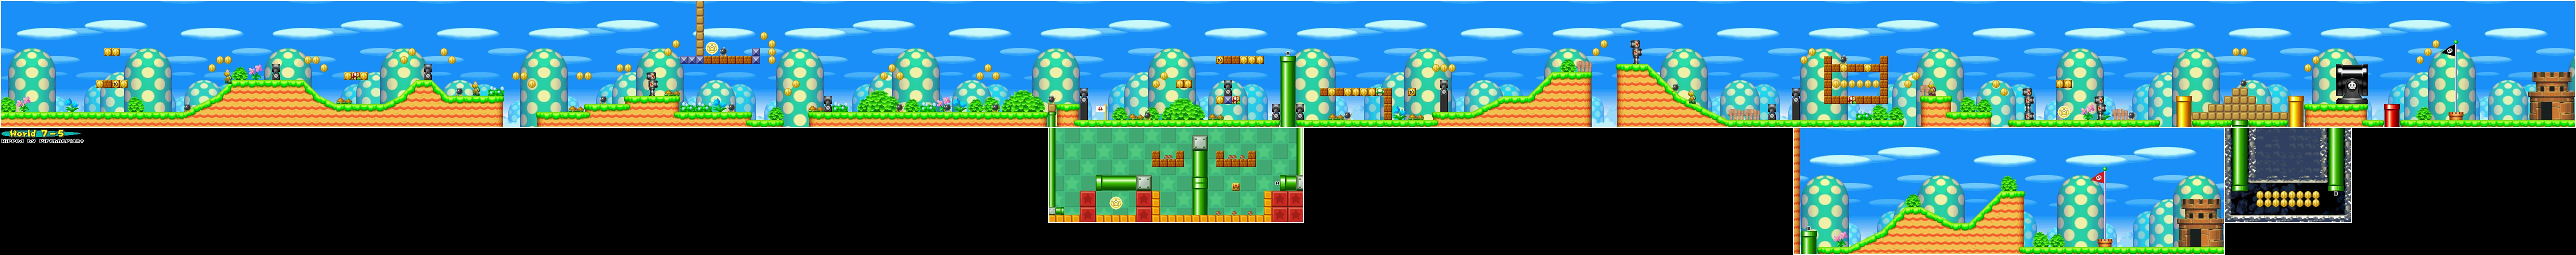 New Super Mario Bros Game Maps Ds